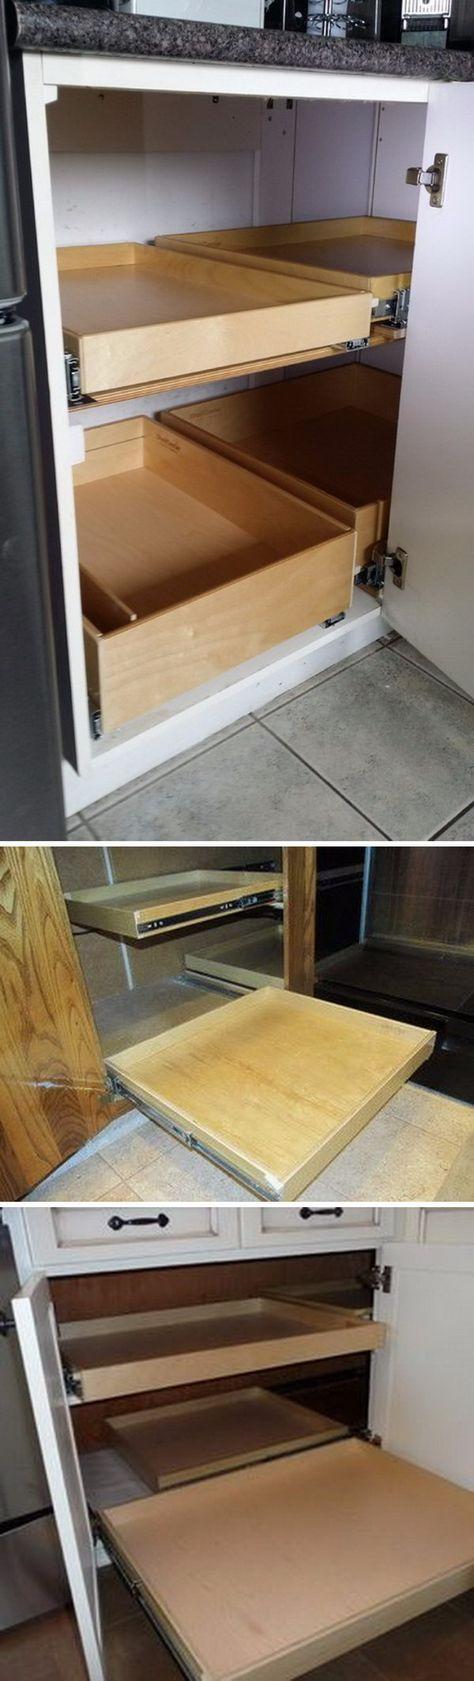 Kitchen Corner Cabinet Storage Ideas   Ideen für die Küche, Die ...